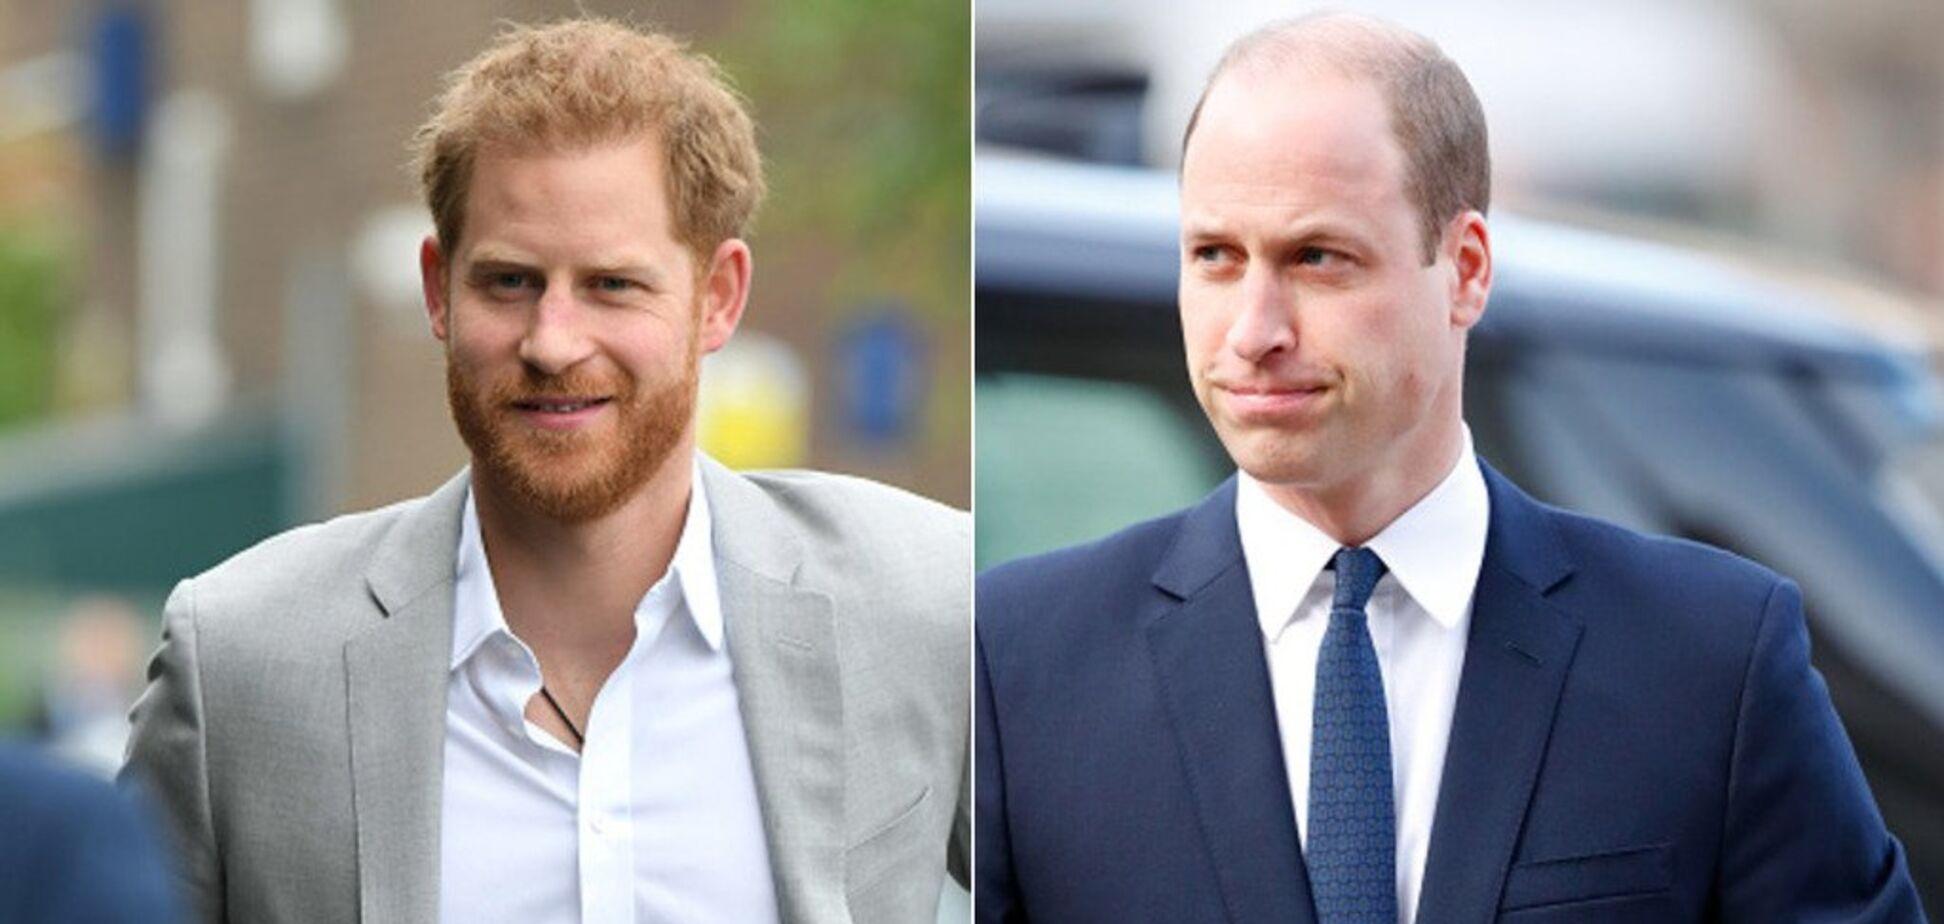 ЗМІ розповіли про нову гучну сварку принців Вільяма і Гаррі